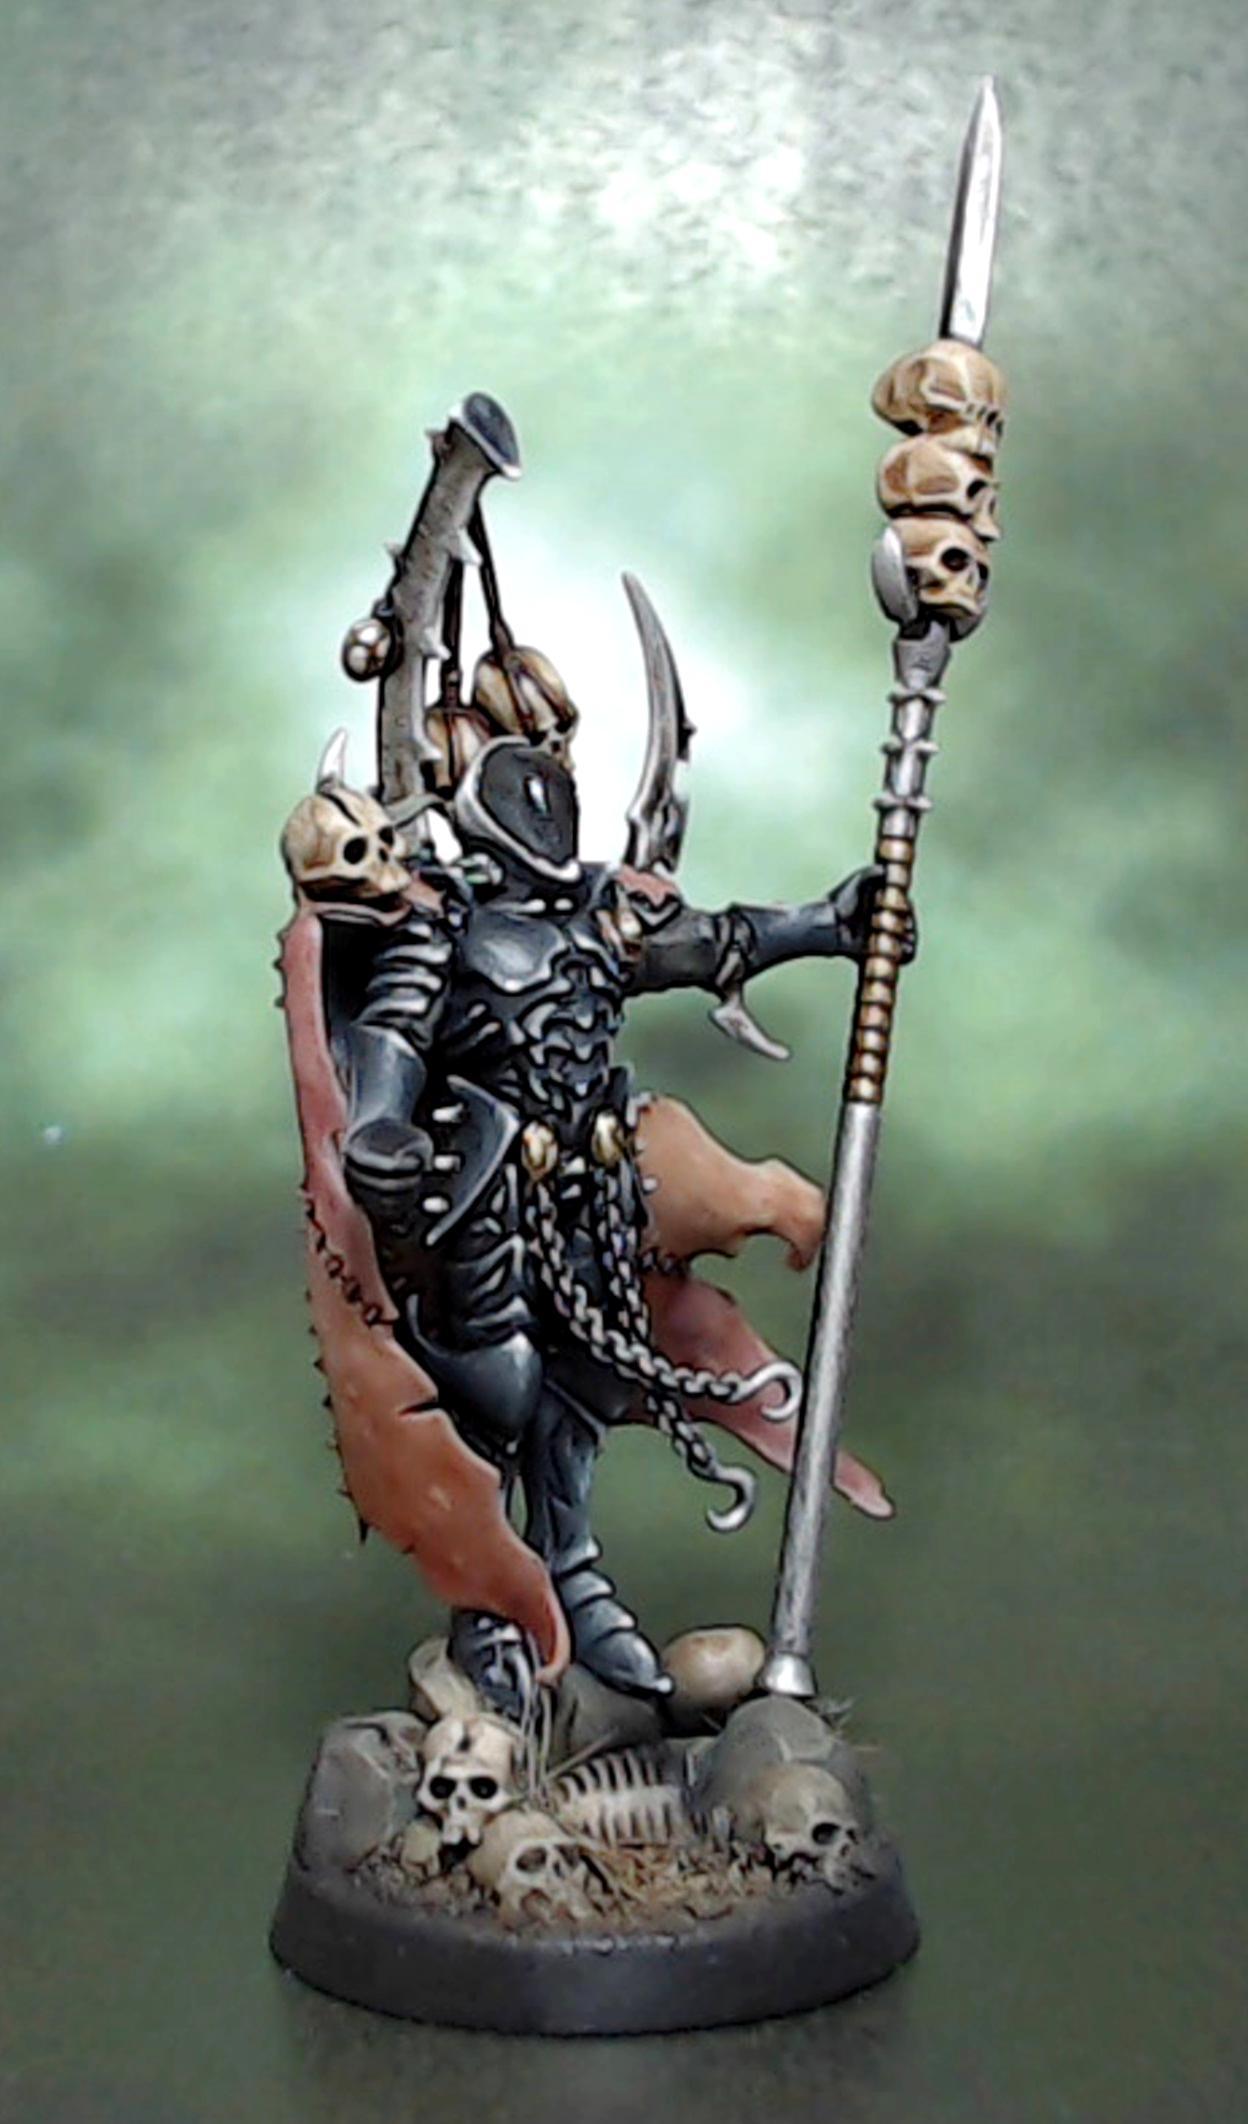 Archon, Dark, Drukhari, Eldar, Giger, Skull